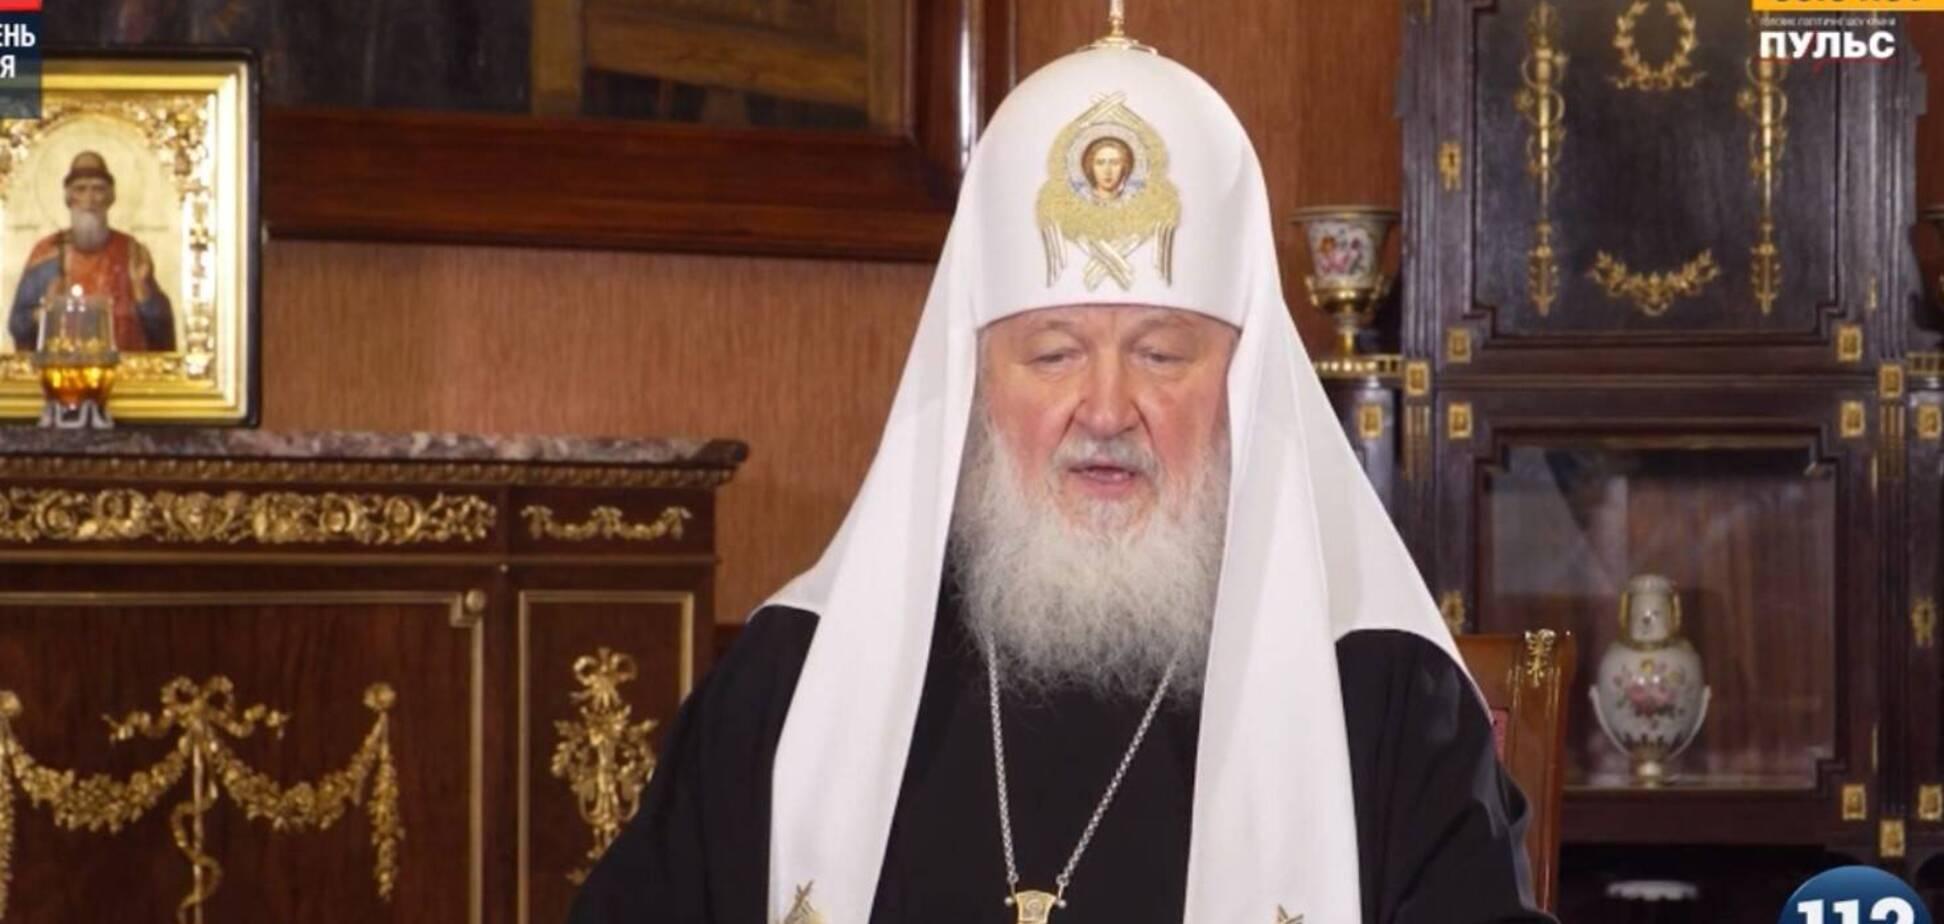 Политический эксперт призвал Нацсовет отреагировать на выступление Кирилла в эфире украинского ТВ